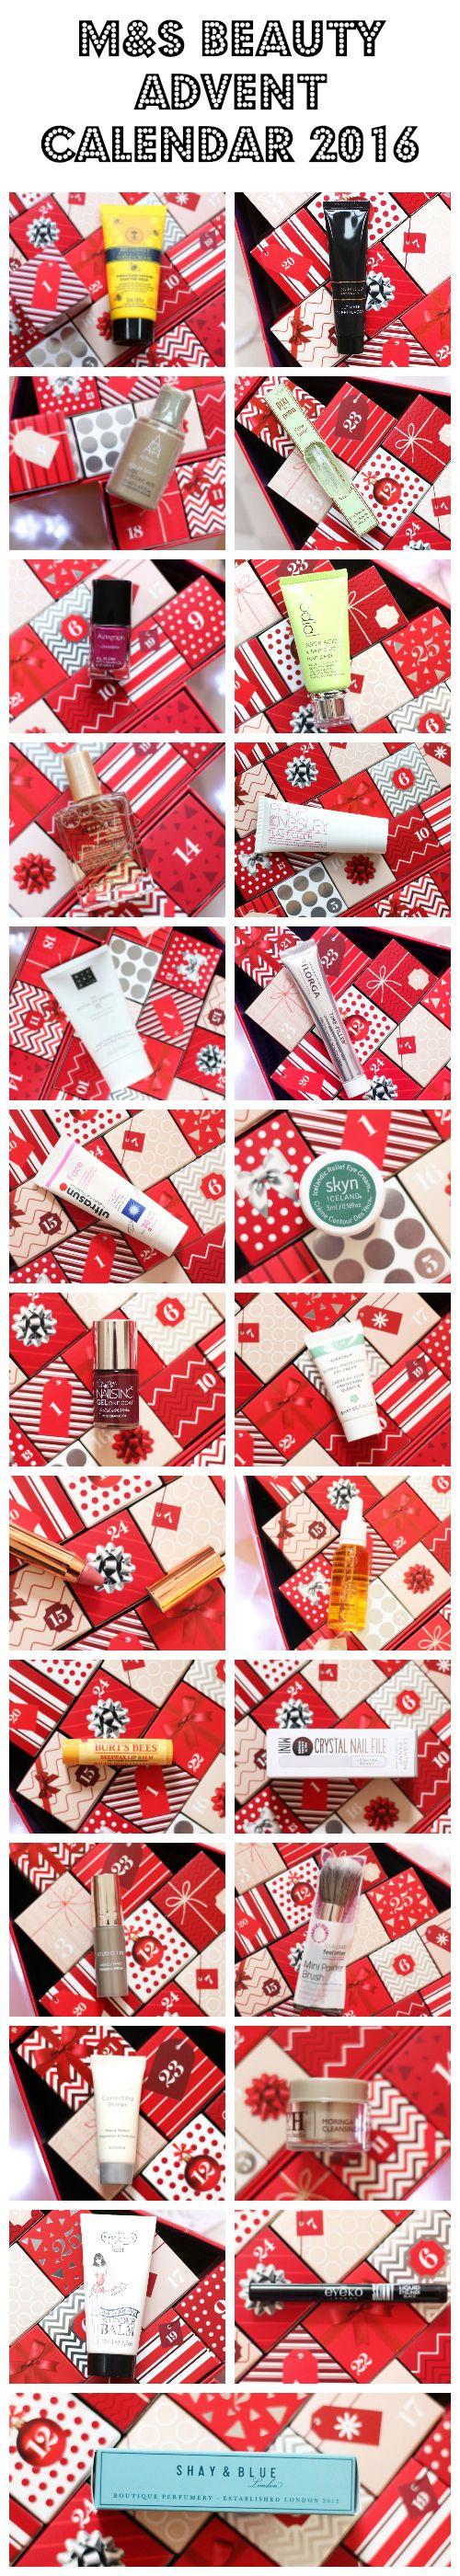 M&S Beauty Advent Calendar 2016 content